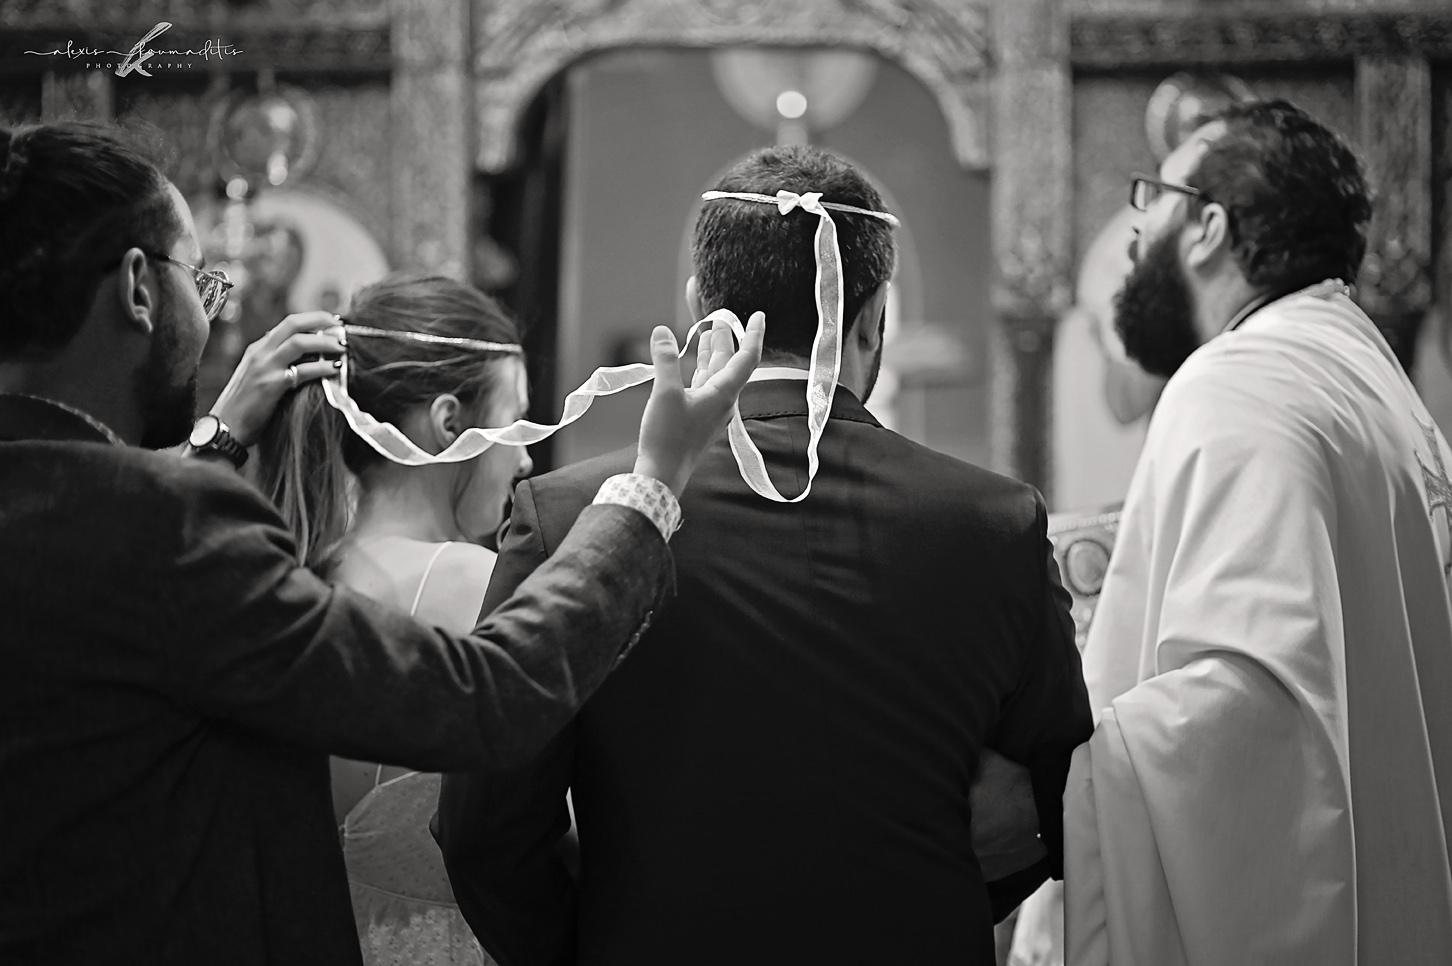 wedding-photography-θεσσαλια-λαρισα-φωτογραφια-γαμου-alexis-koumaditis03